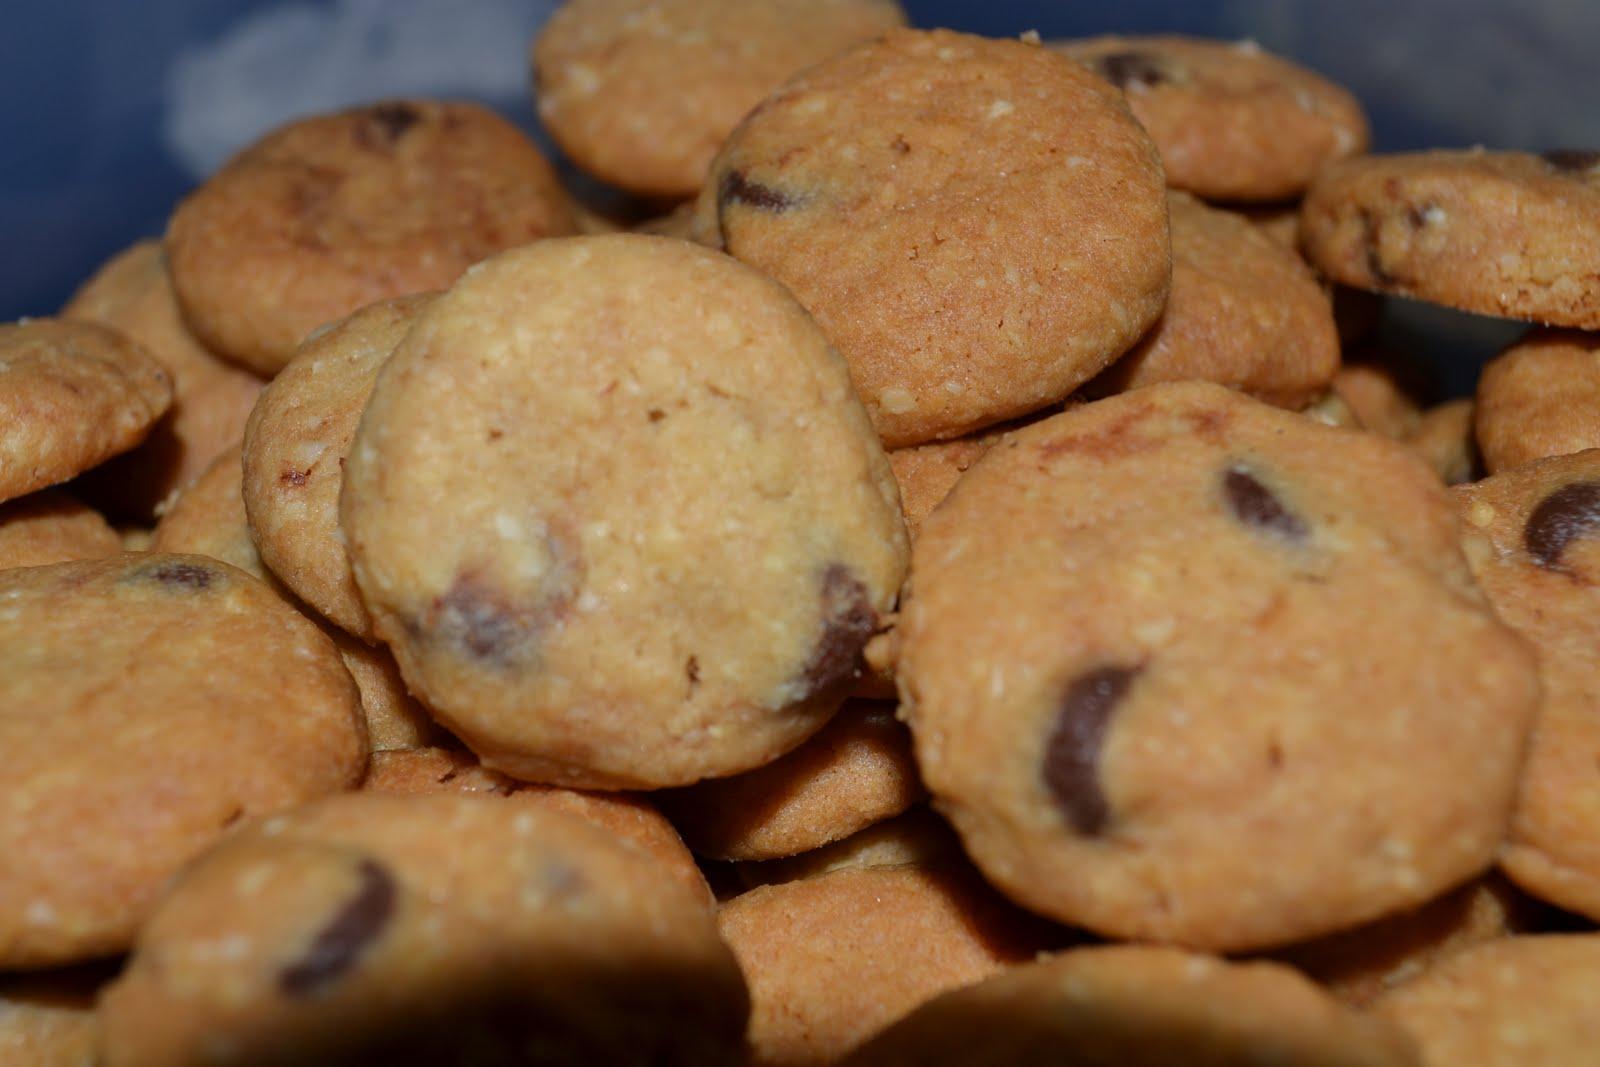 resepi kek pisang oat anyar bb Resepi Popia Telur Masin Enak dan Mudah